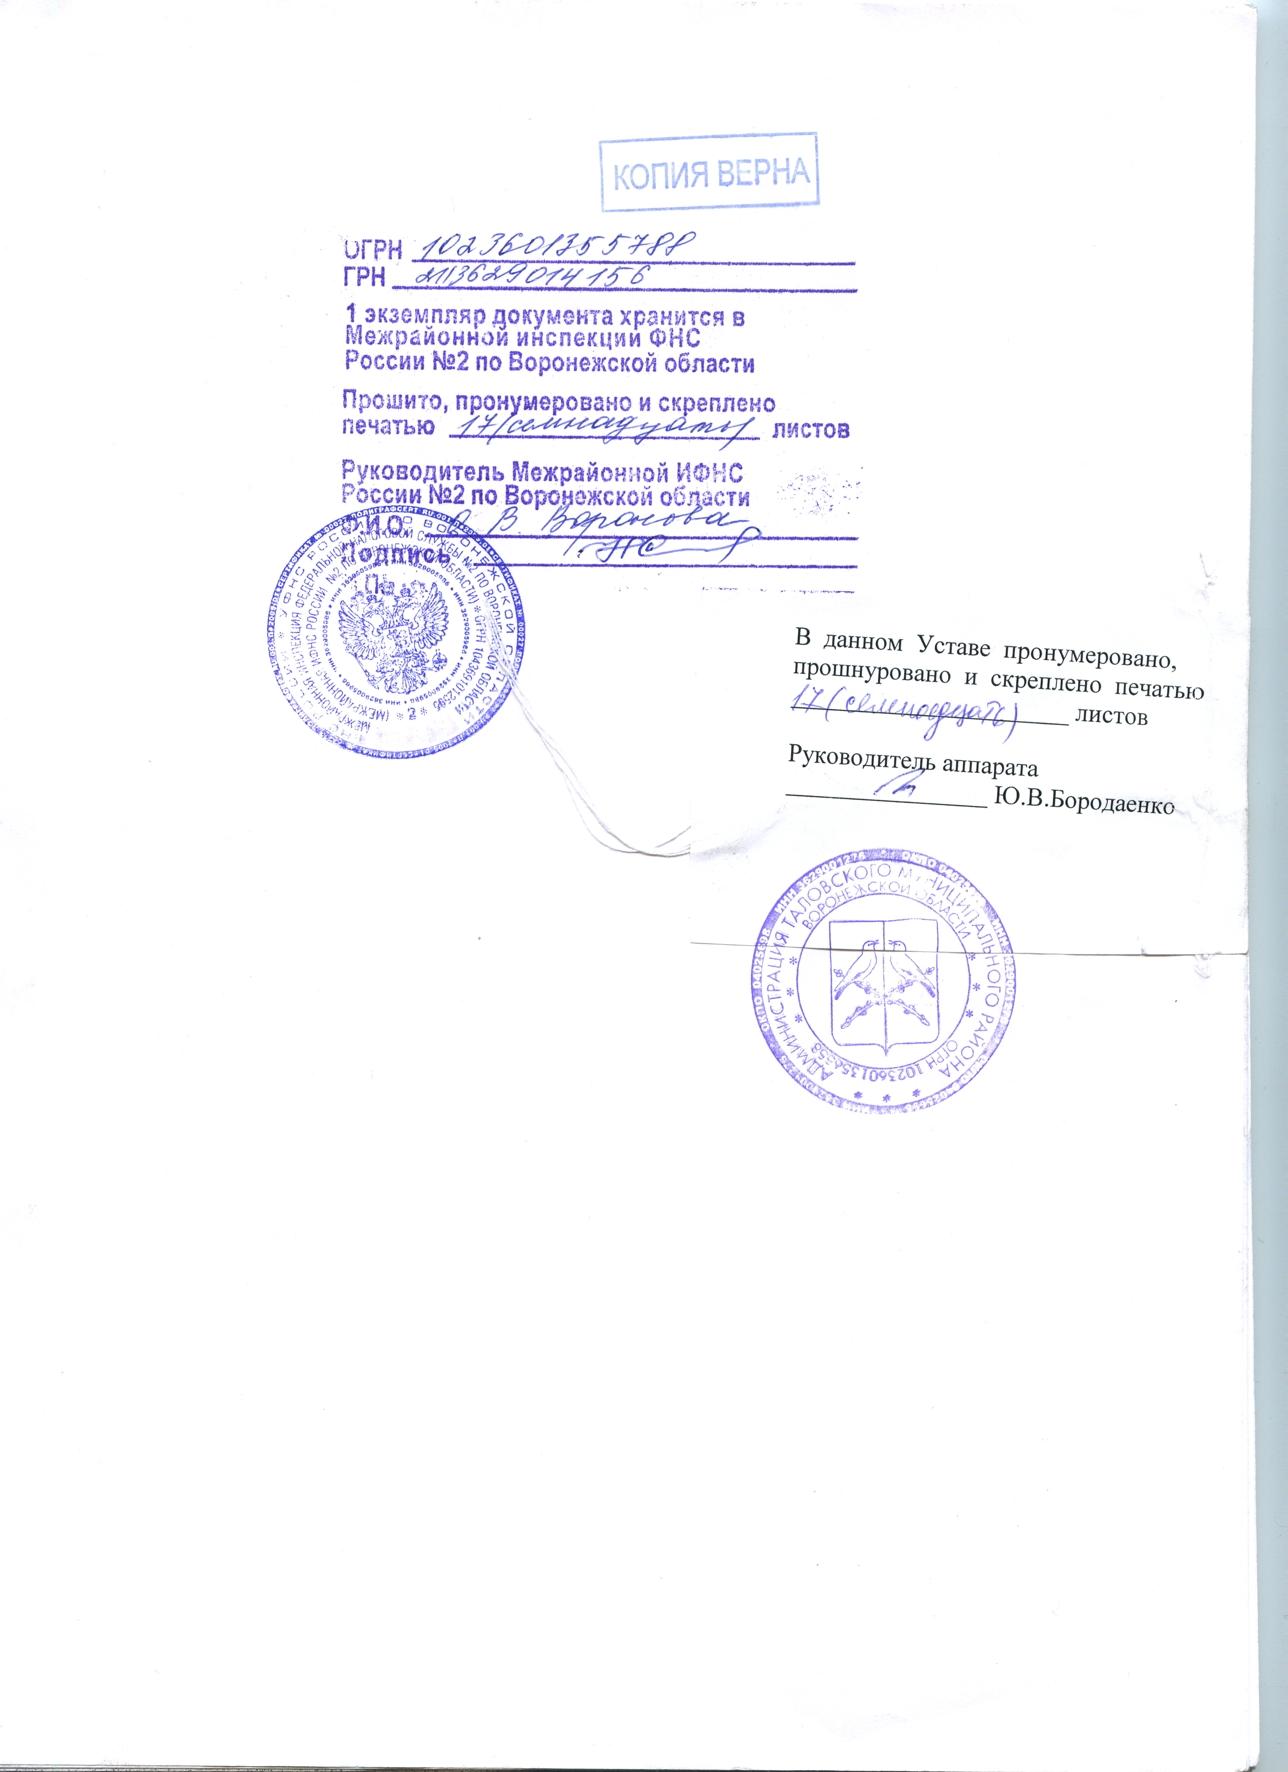 Как сшивать документы для налоговой по требованию: заверка бумаг 16